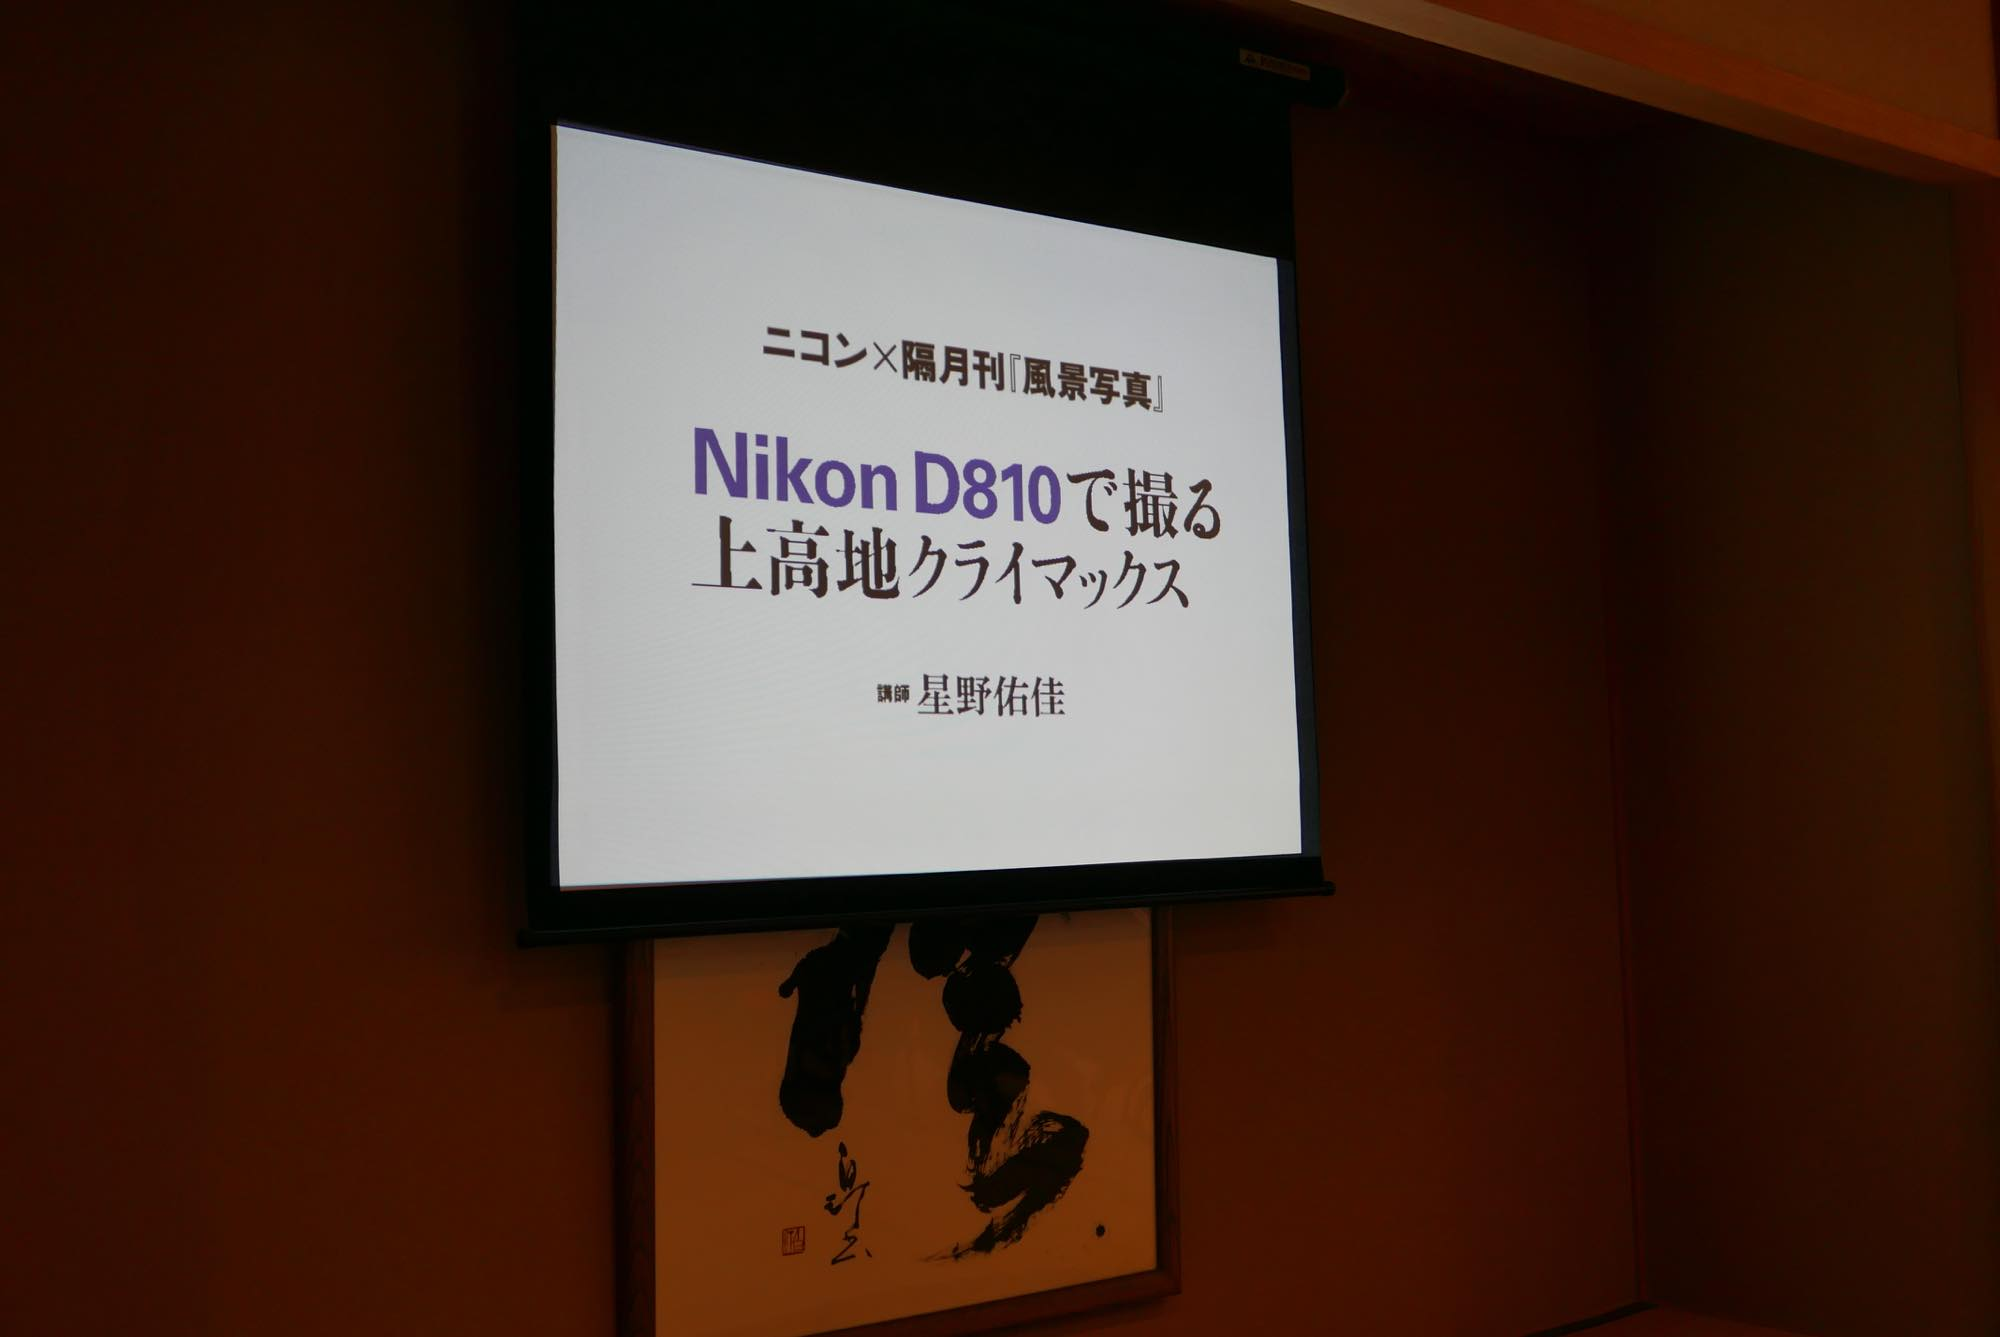 ニコン × 『風景写真』 Nikon D810無料体験ツアーに参加してきました。(1日目)